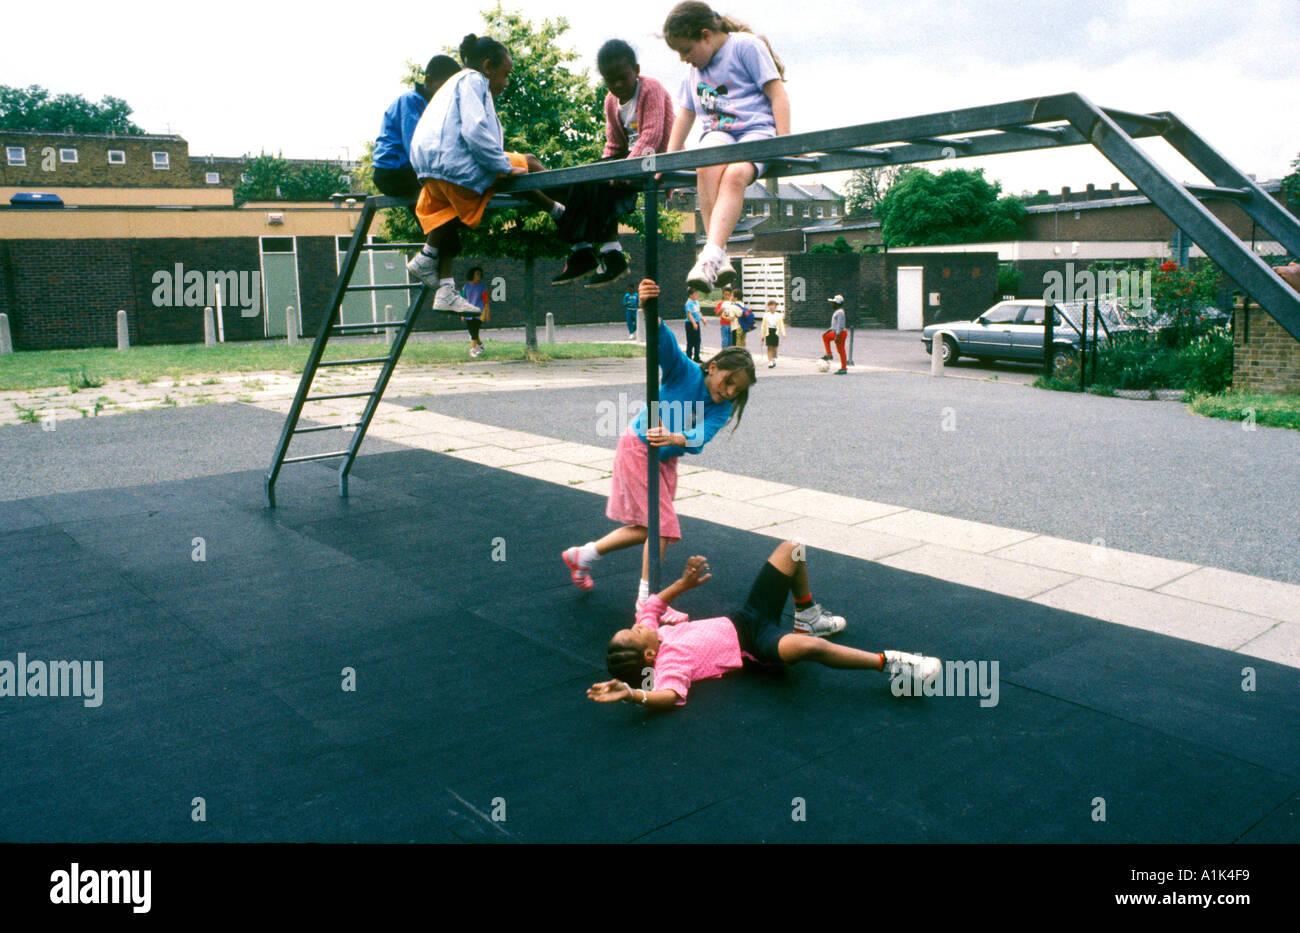 Giovani bambini che giocano sul telaio di arrampicata nel parco